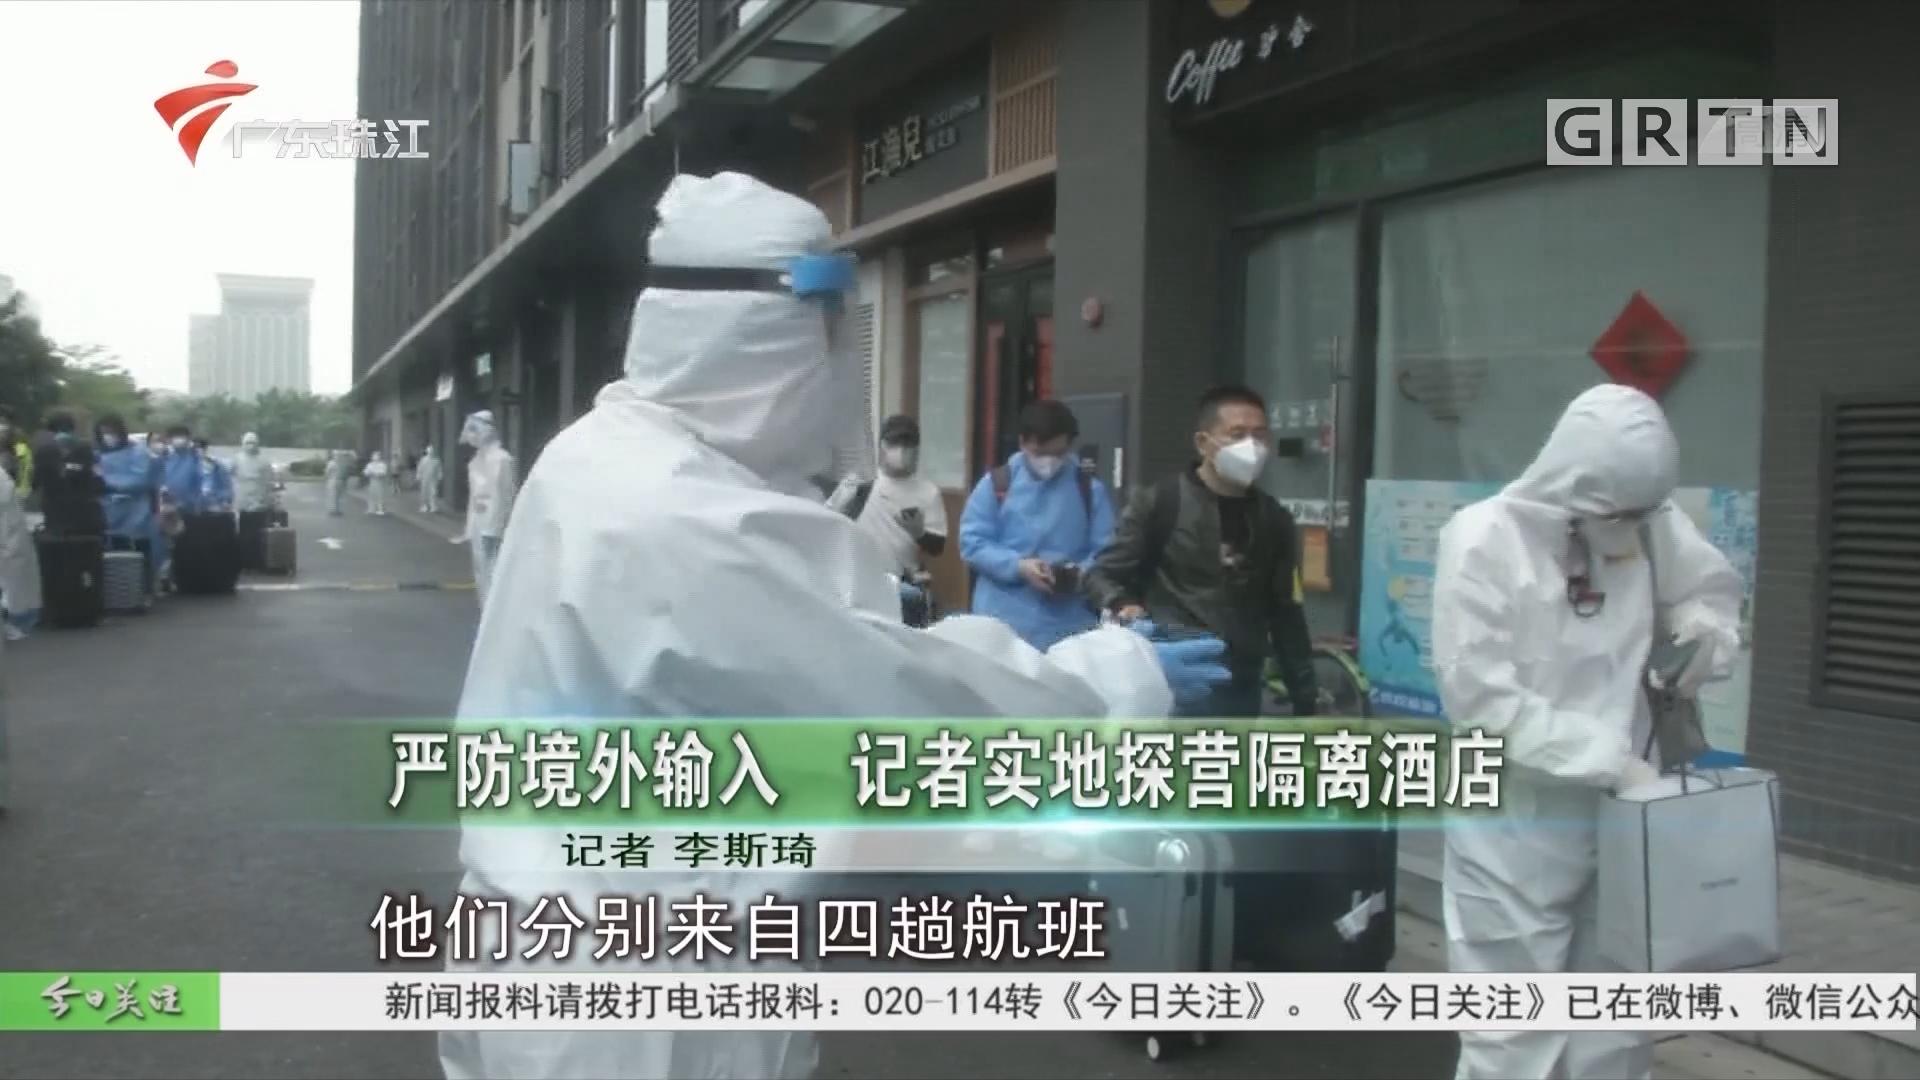 严防境外输入 记者实地探营隔离酒店